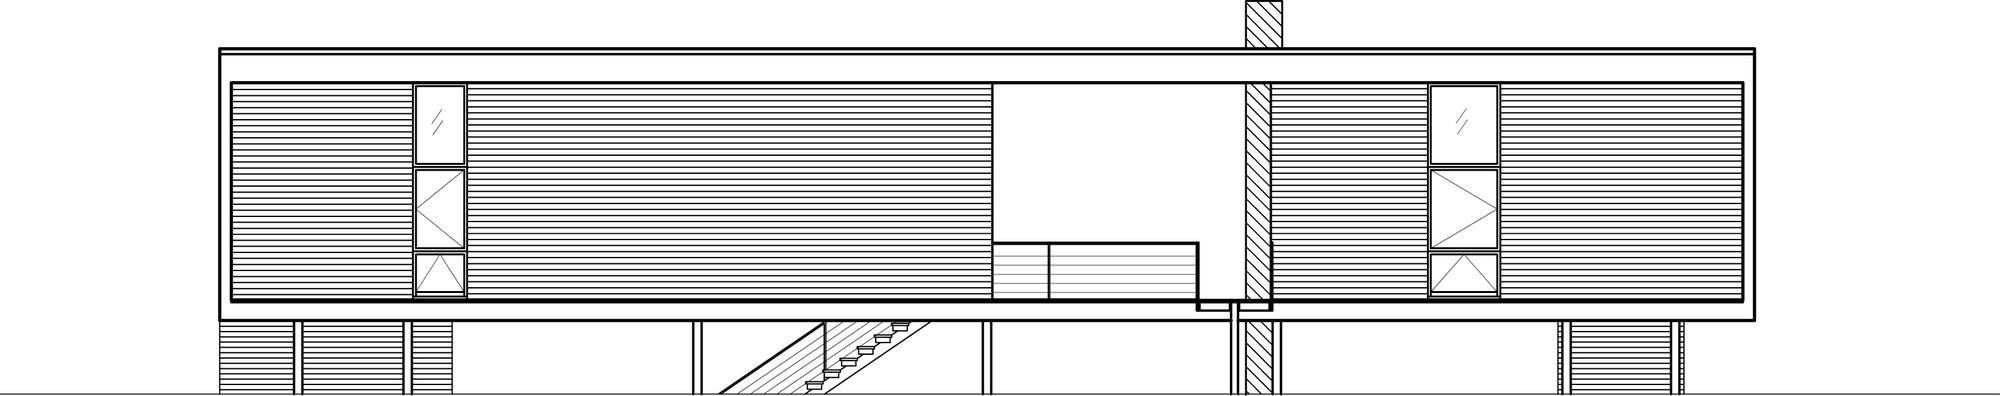 Galería de Puente-Studio / hanrahanMeyers architects - 18